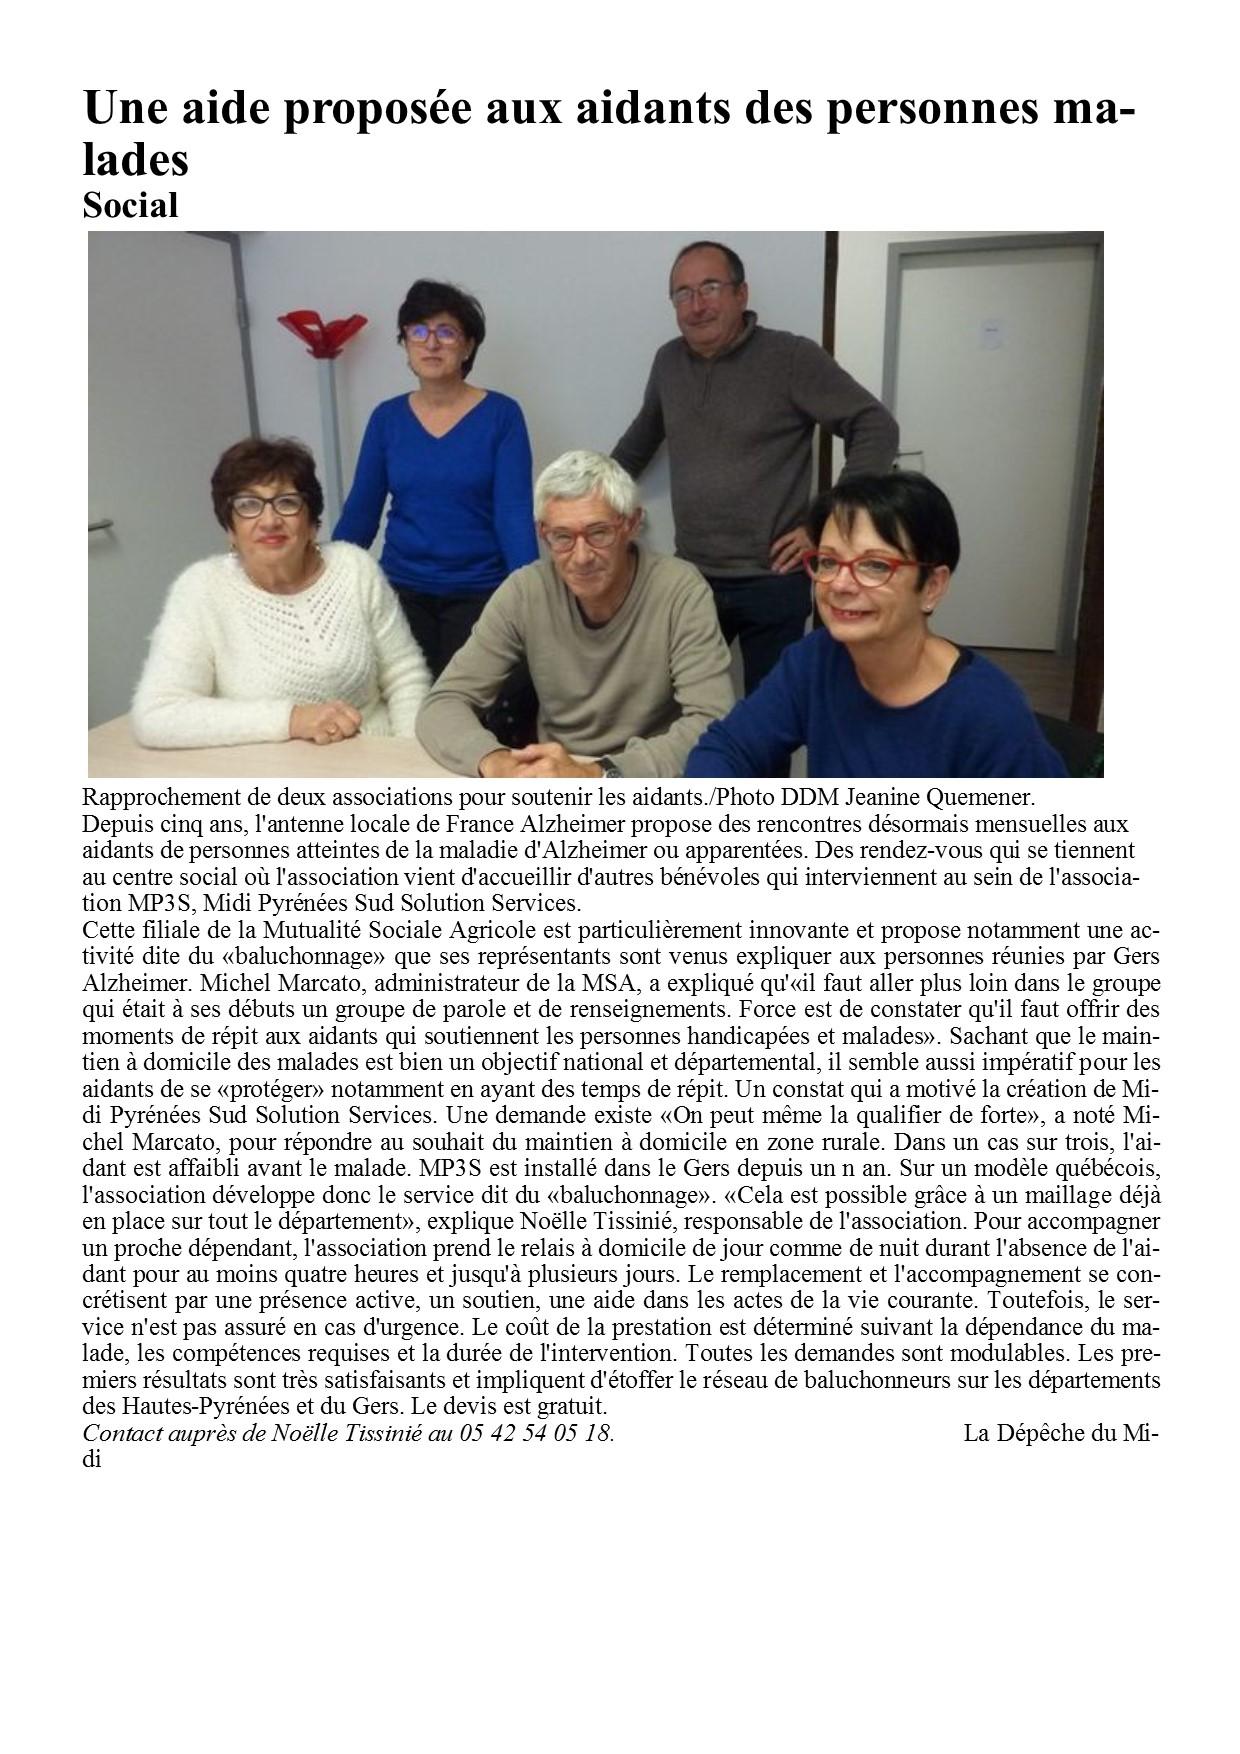 la-depeche-15-11-2016-une-aide-proposee-aux-aidants-des-personnes-malades-docx